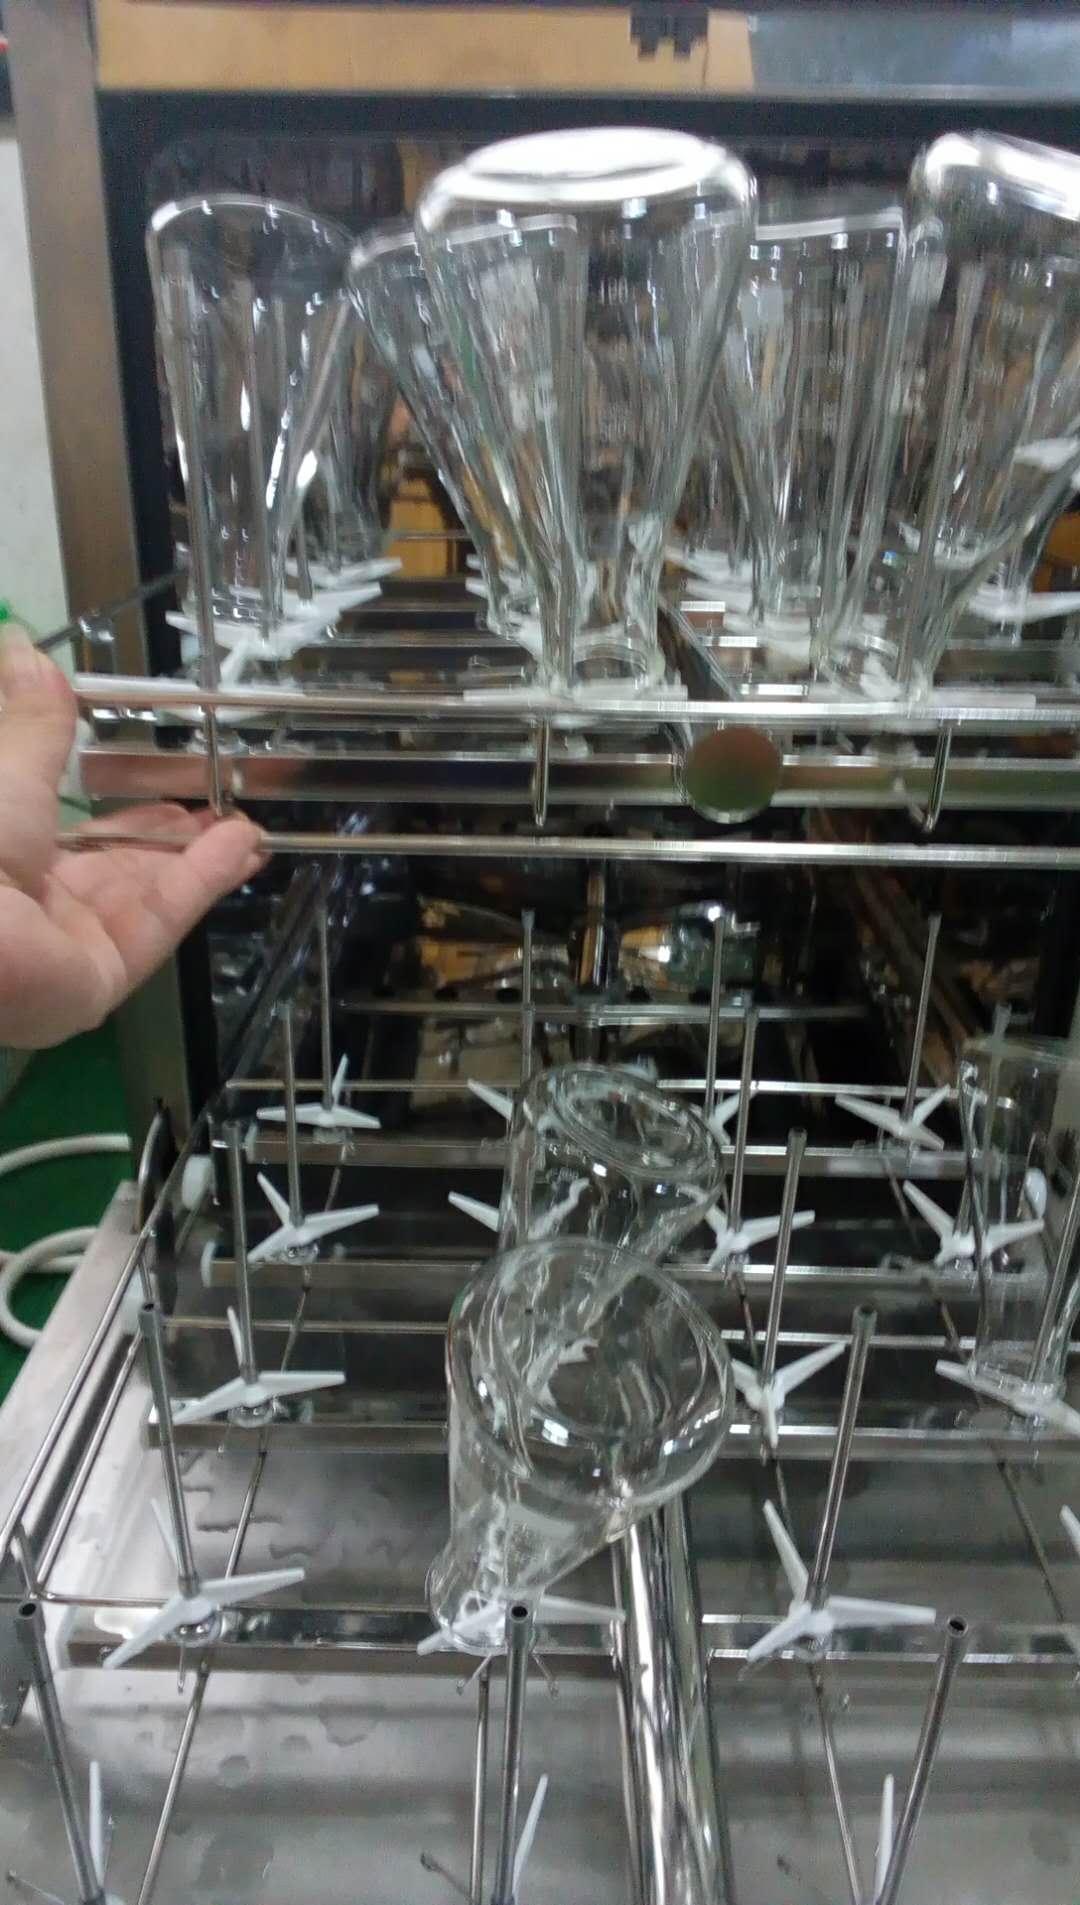 714903151135407300.jpg 燒杯、容量瓶、錐形瓶等不一樣的清洗方式 公司動態 第15張